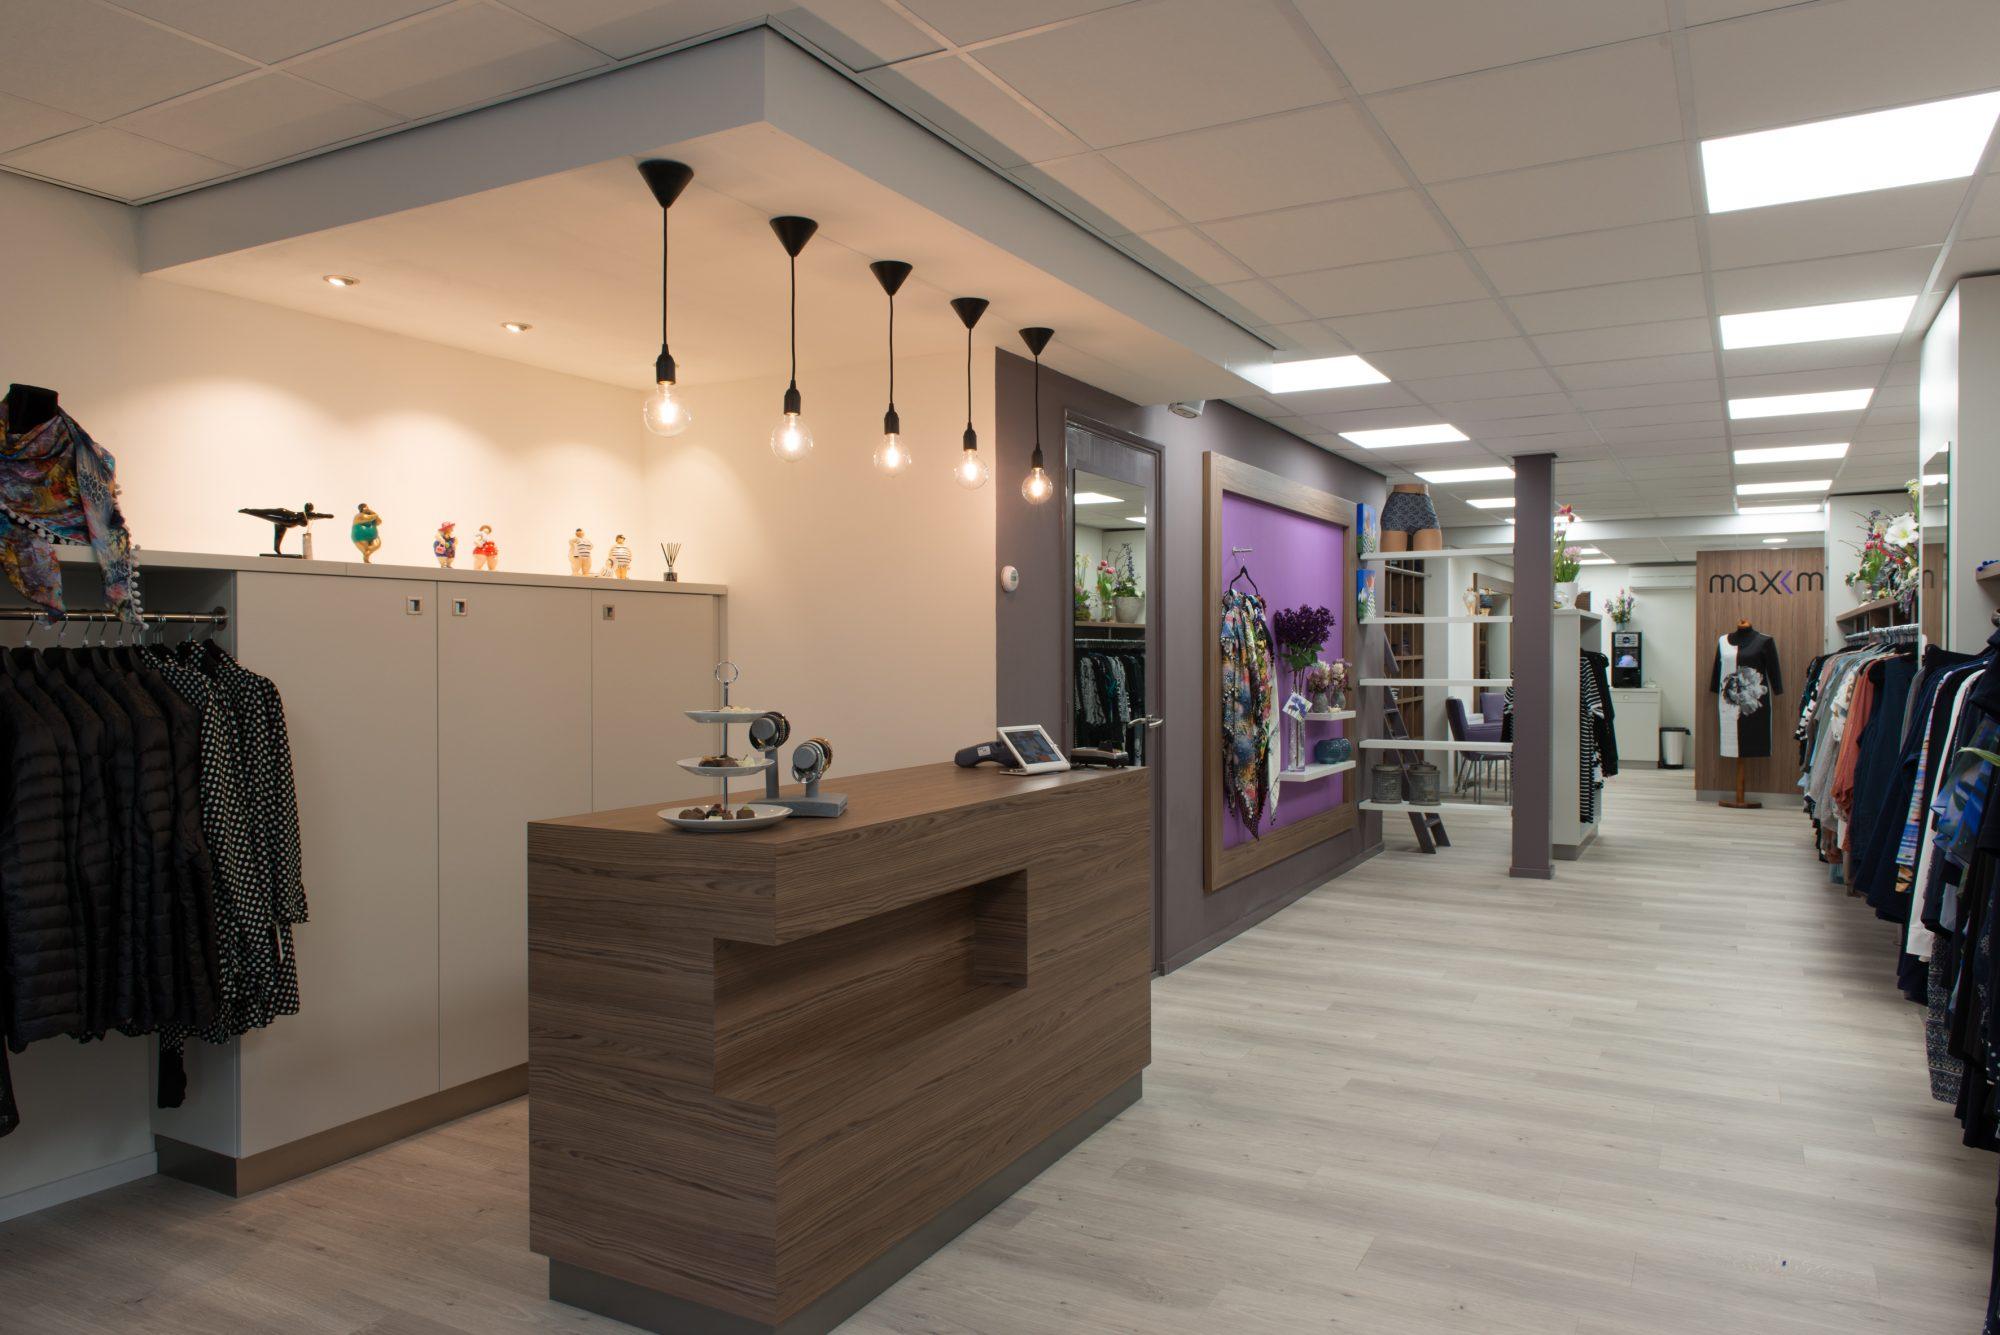 Project Winkelinterieur te Dongen - Nouwens Interieur